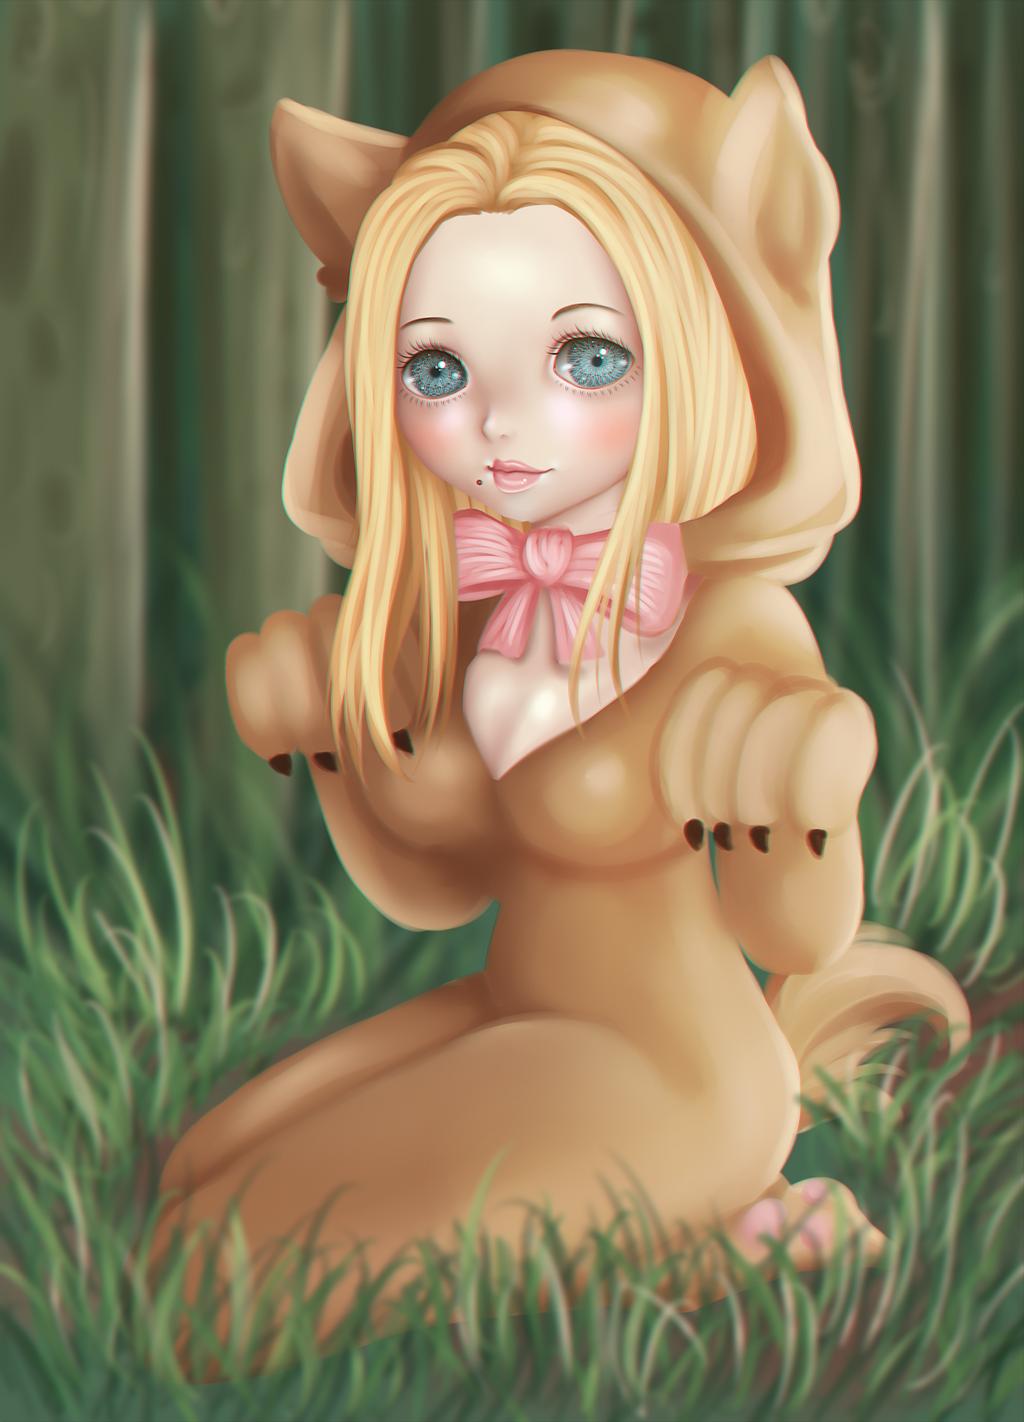 Woof by Einoa